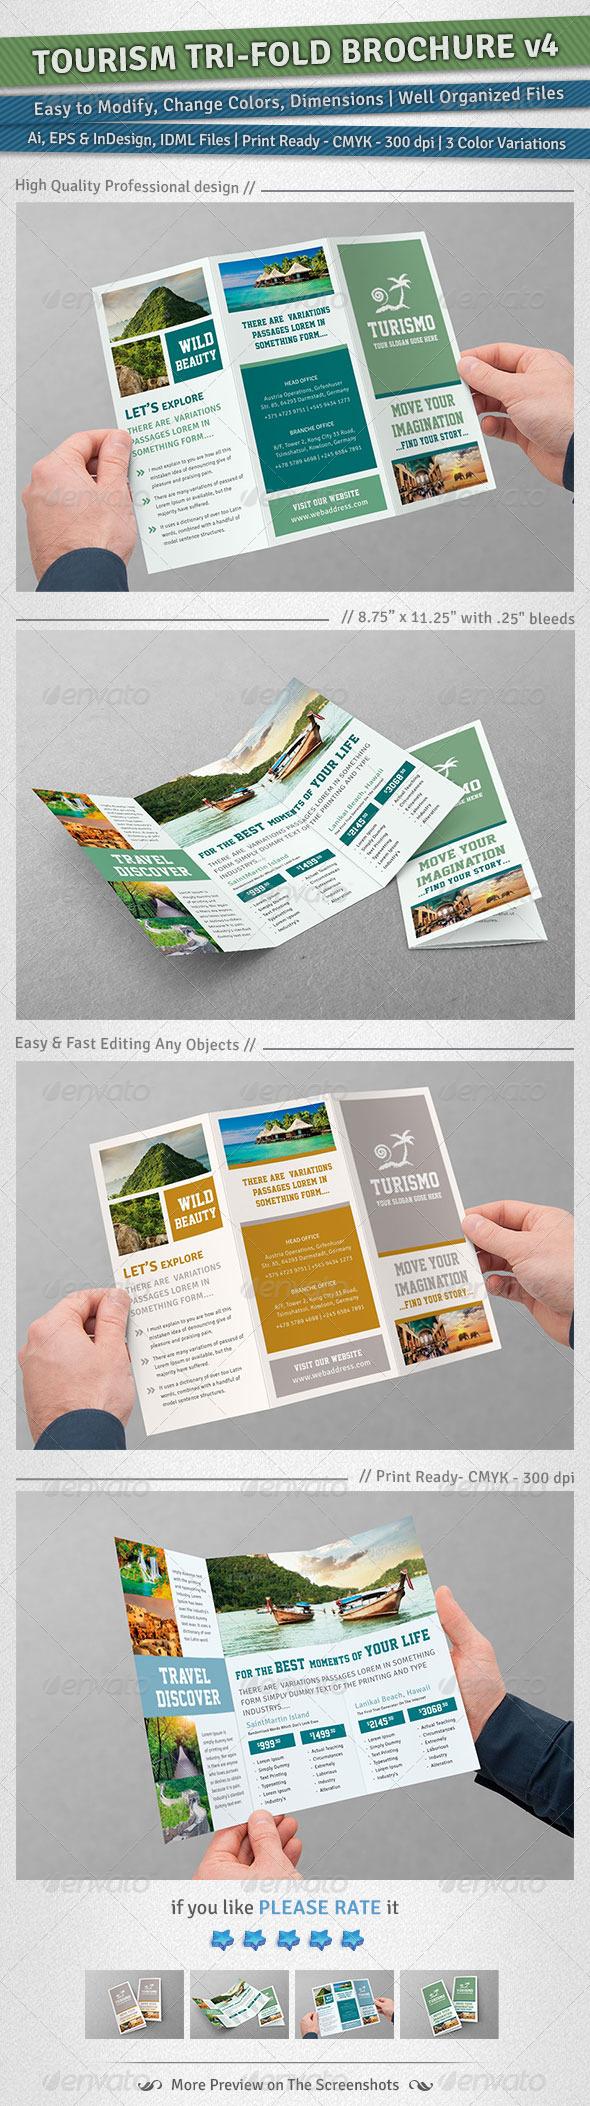 GraphicRiver Tourism Tri-Fold Brochure Volume 4 6048011